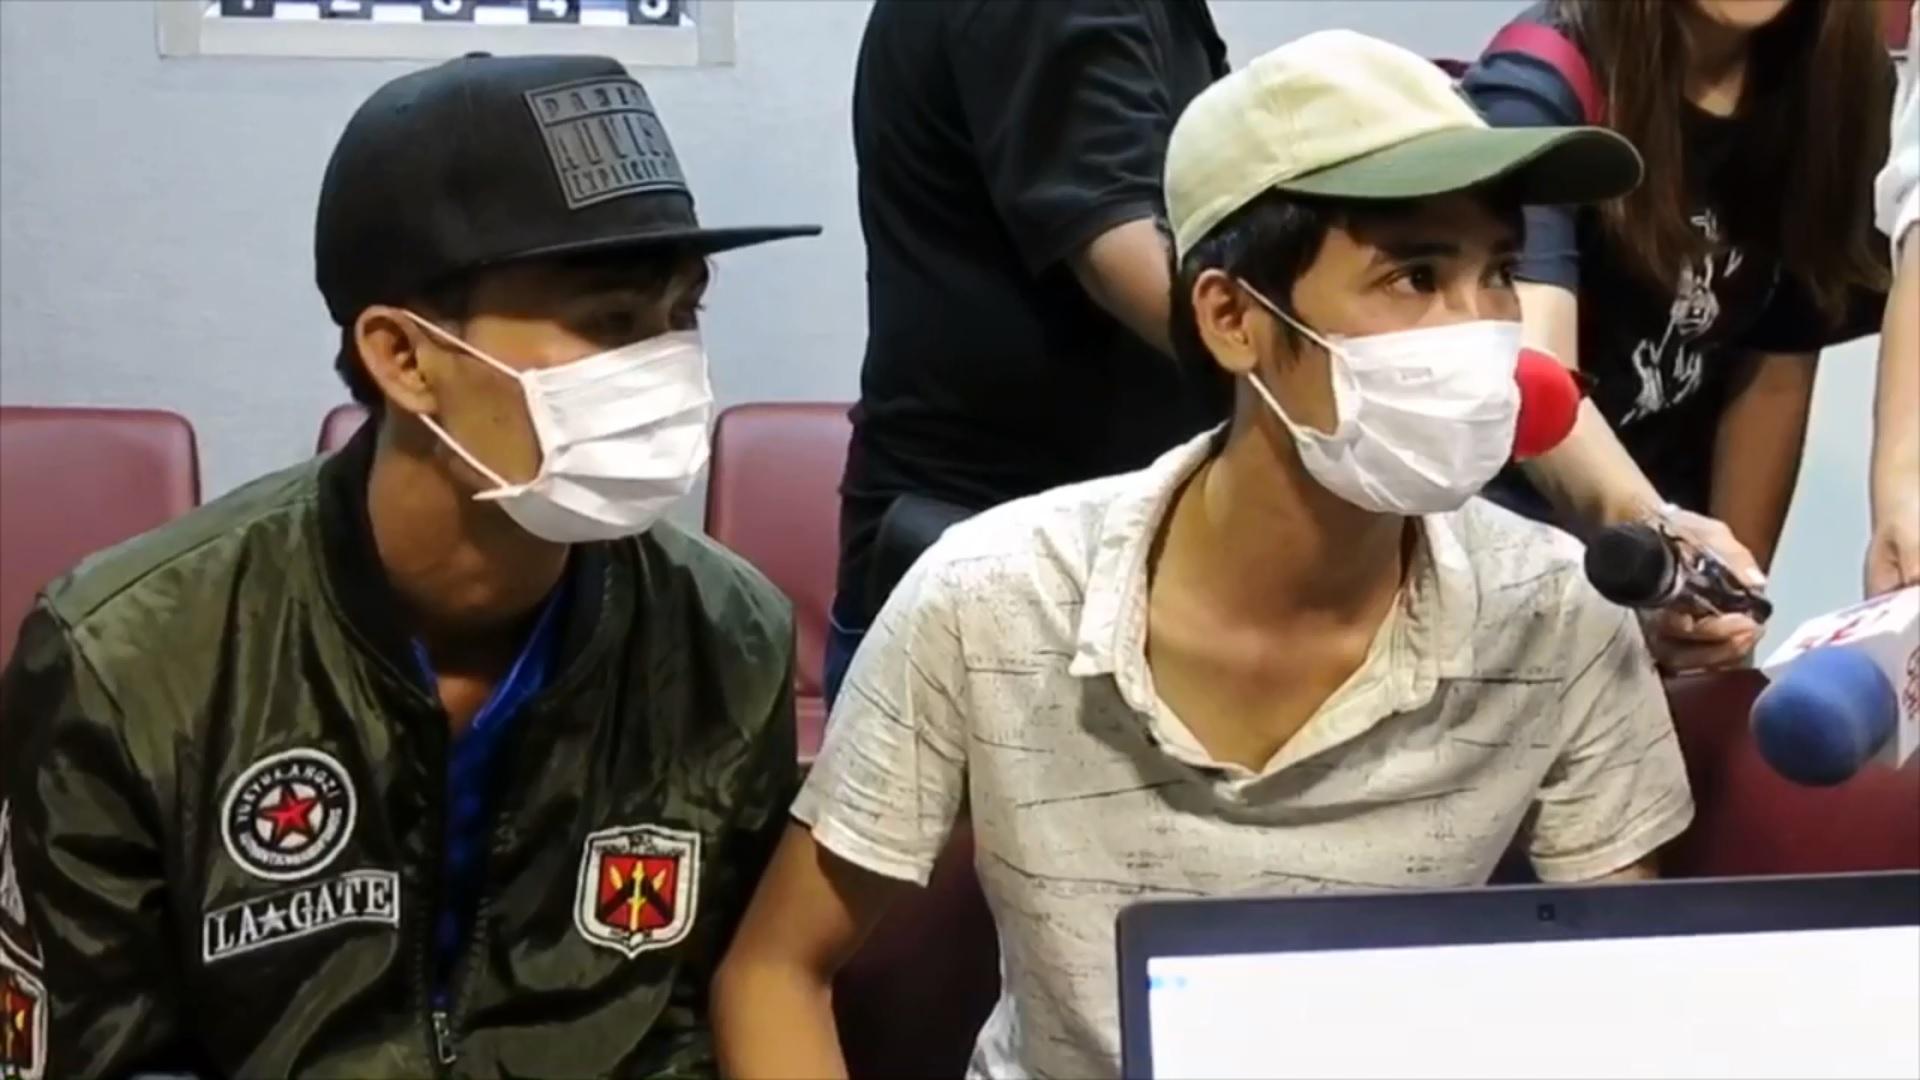 ผู้ต้องหาชาวเวียดนามทั้ง 2 คน